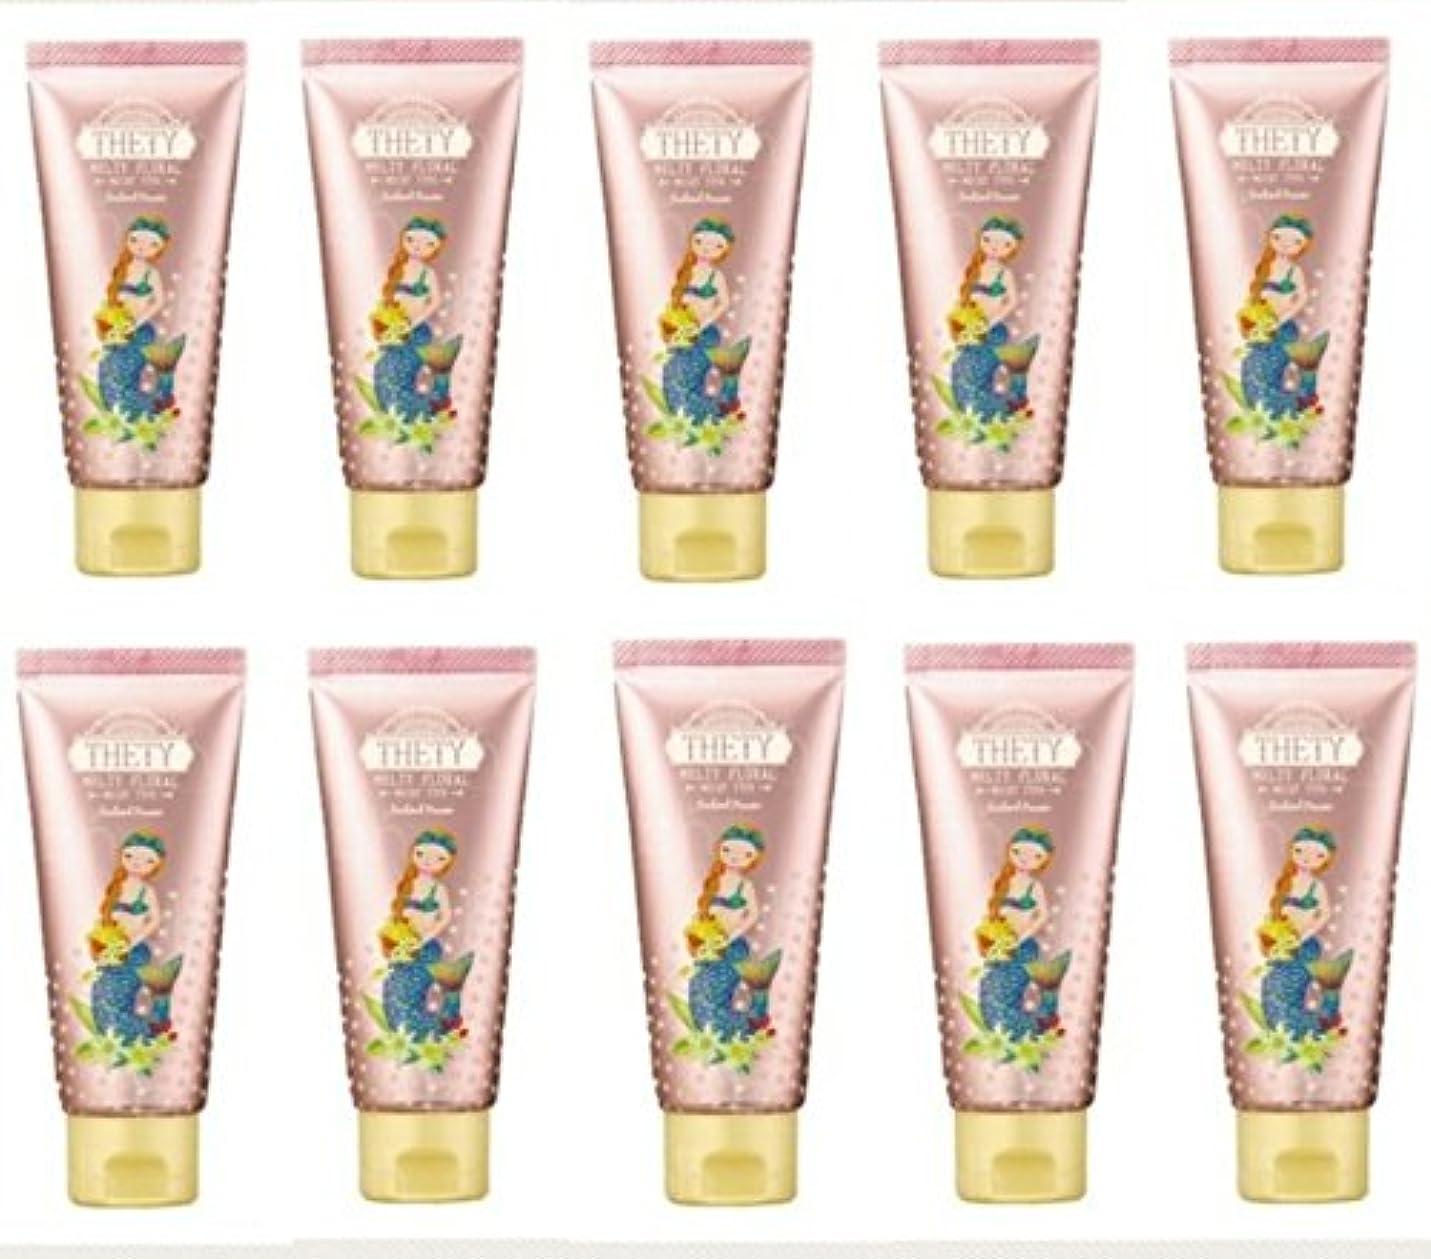 適性目的染料シーランドピューノ ハンド&ネイル テティ 65g 10個セット <ハンドクリーム>